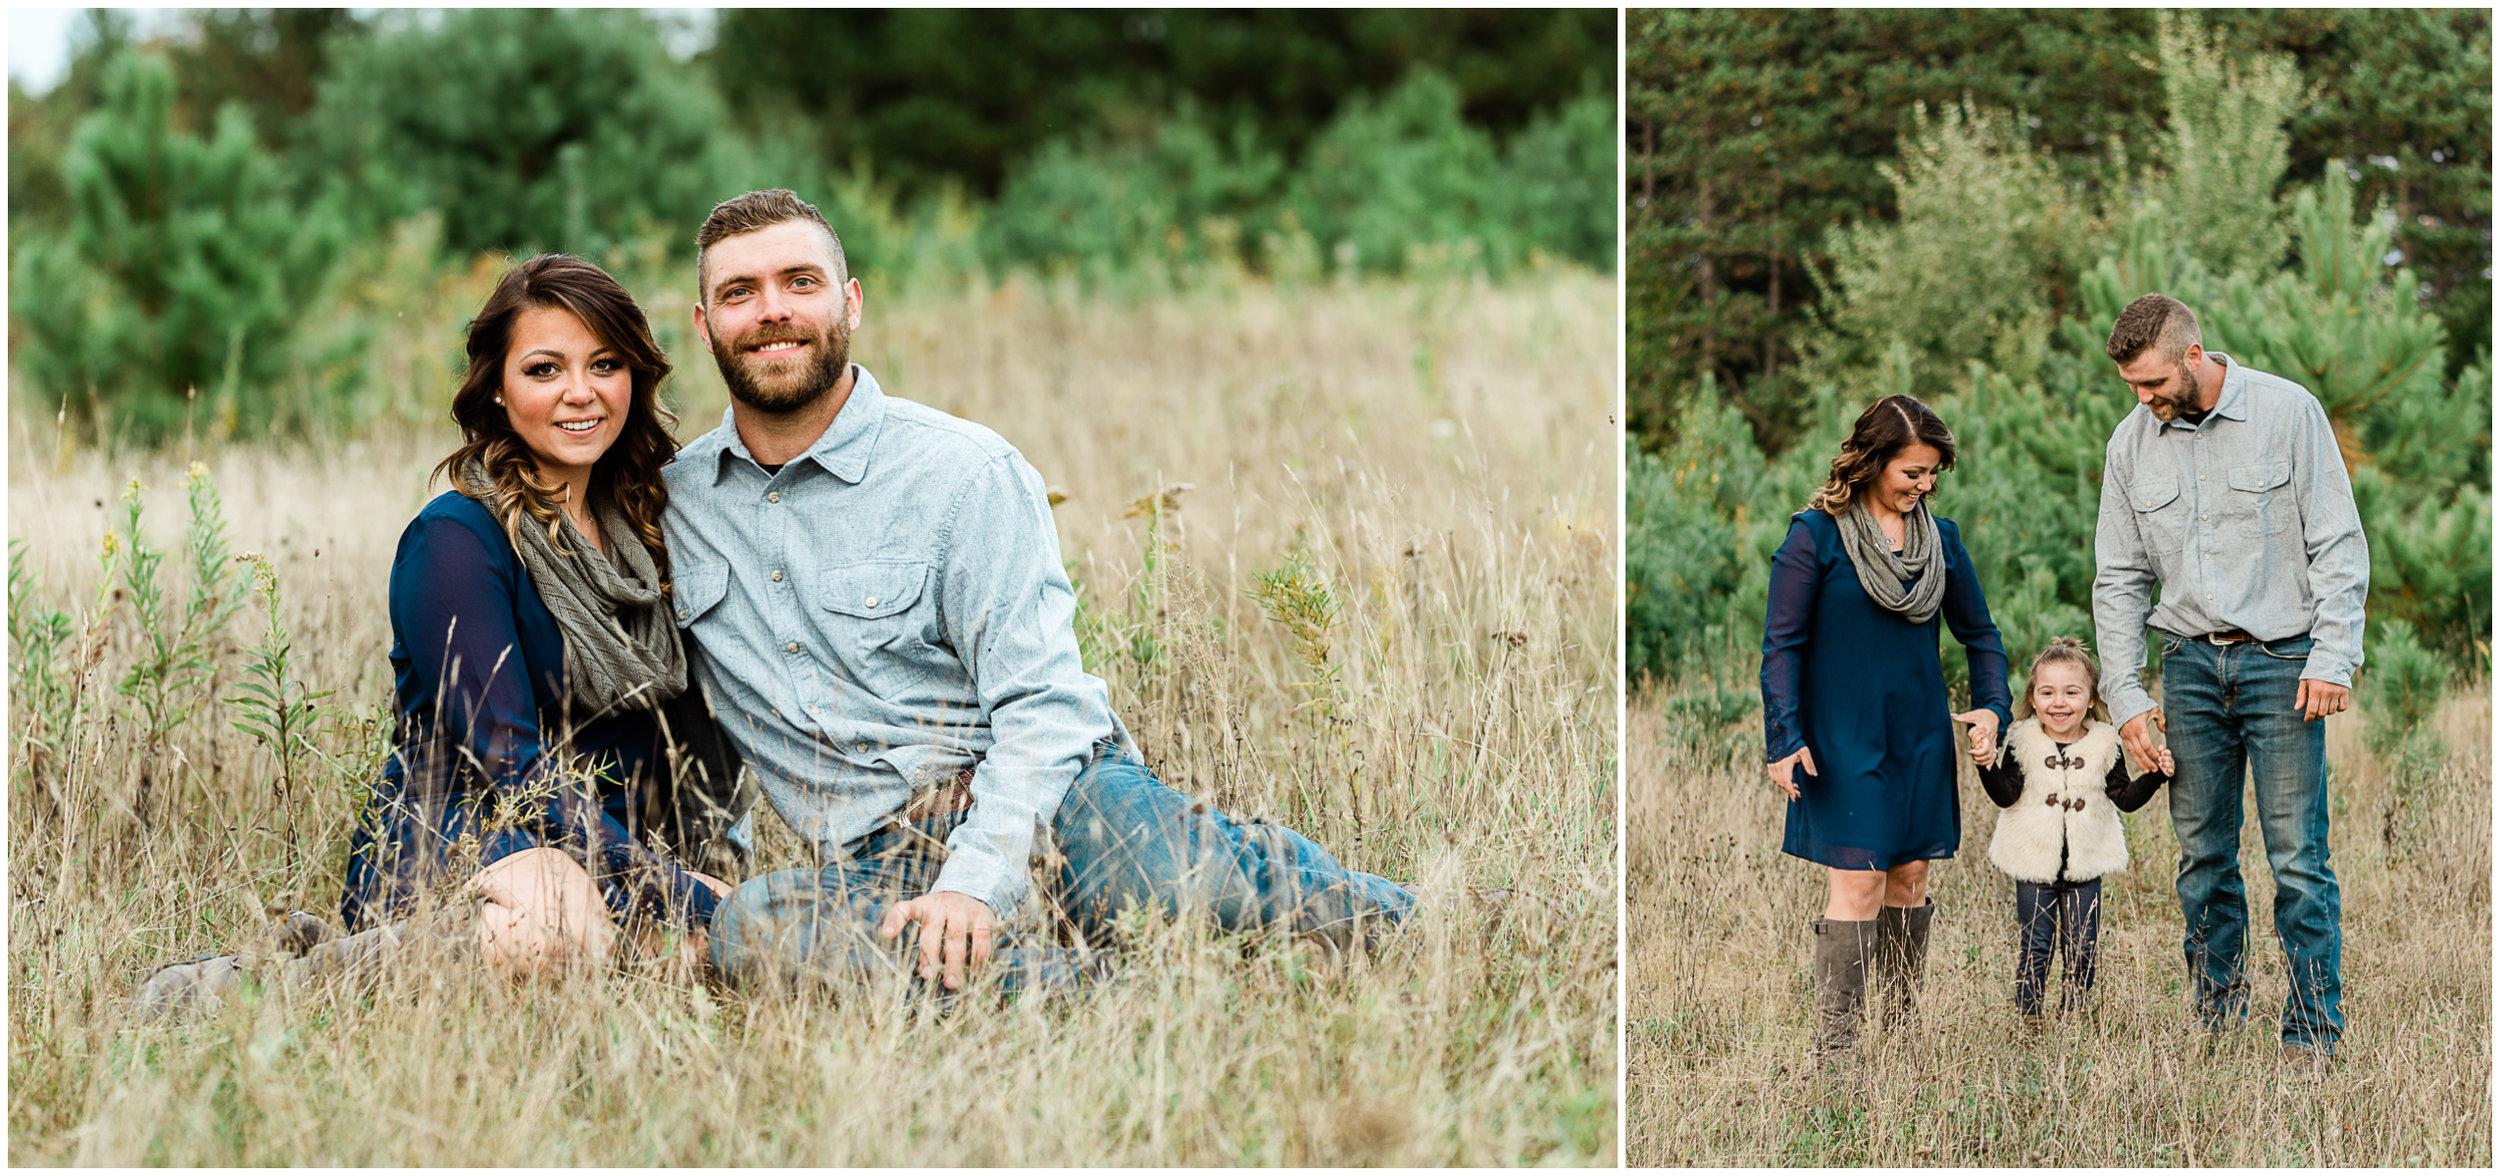 rhinelander-wisconsin-wedding-photographer-minocqua-eagle-river-northwoods-affordable-famiy-senior-engagement-photography7.jpg